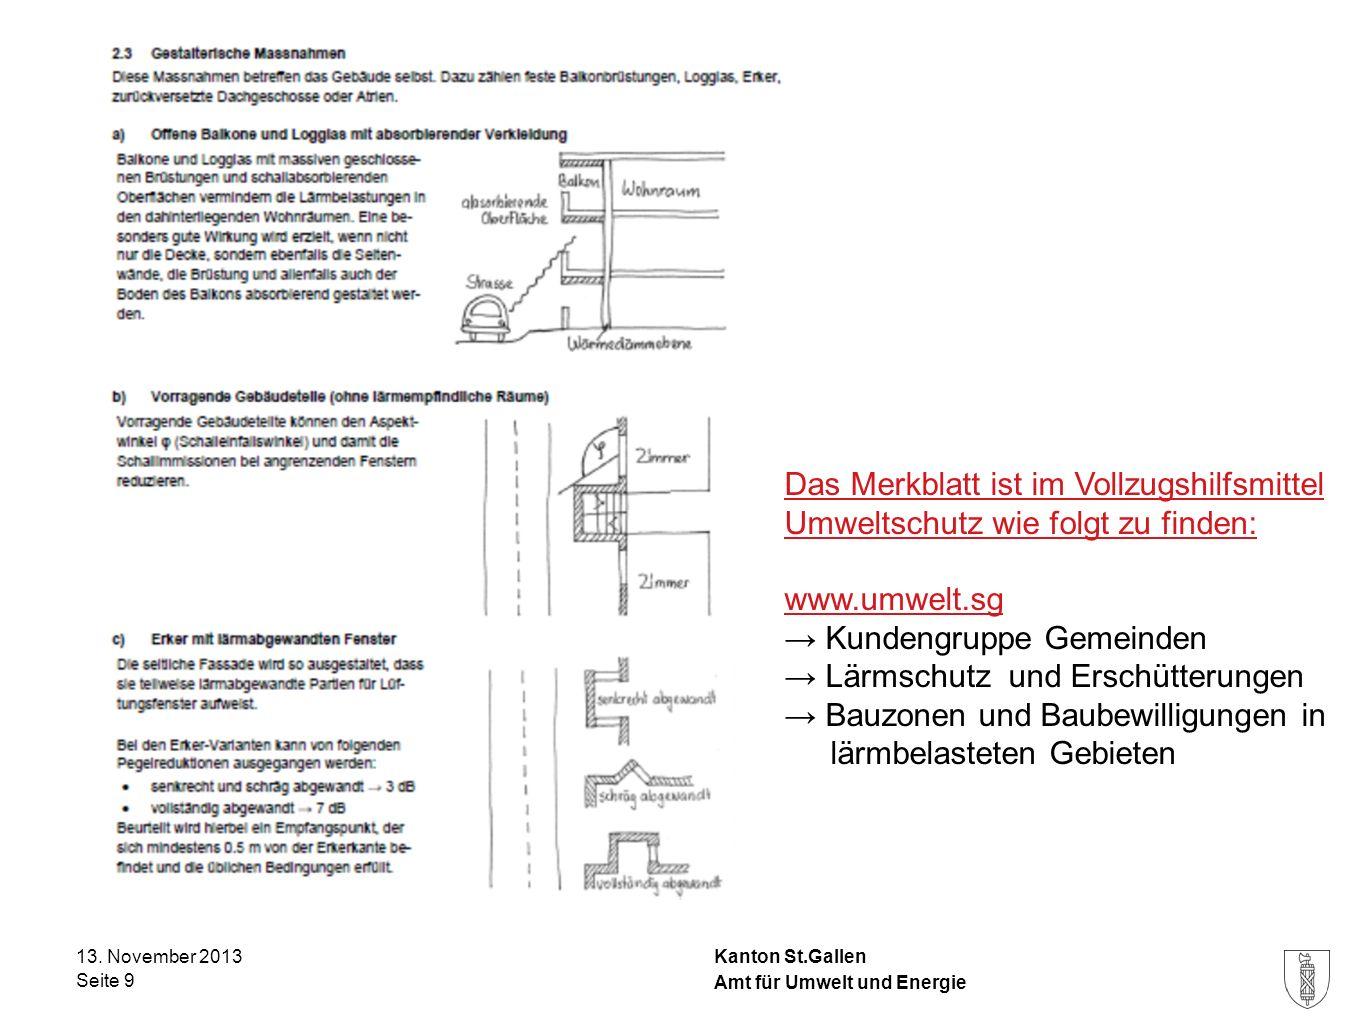 Kanton St.Gallen Gemeindeaufgaben im Bereich Lärm Auskünfte an Bauherren und Architekten über Lärmbelastungskataster Lärmsanierungsprojekte bei Gemeindestrassen mit hohem Verkehrsaufkommen Überschreitung des Immissionsgrenzwerts möglich, wenn - DTV > 1500 Fz/t in Empfindlichkeitsstufe II - DTV > 4000 Fz/t in Empfindlichkeitsstufe III 13.